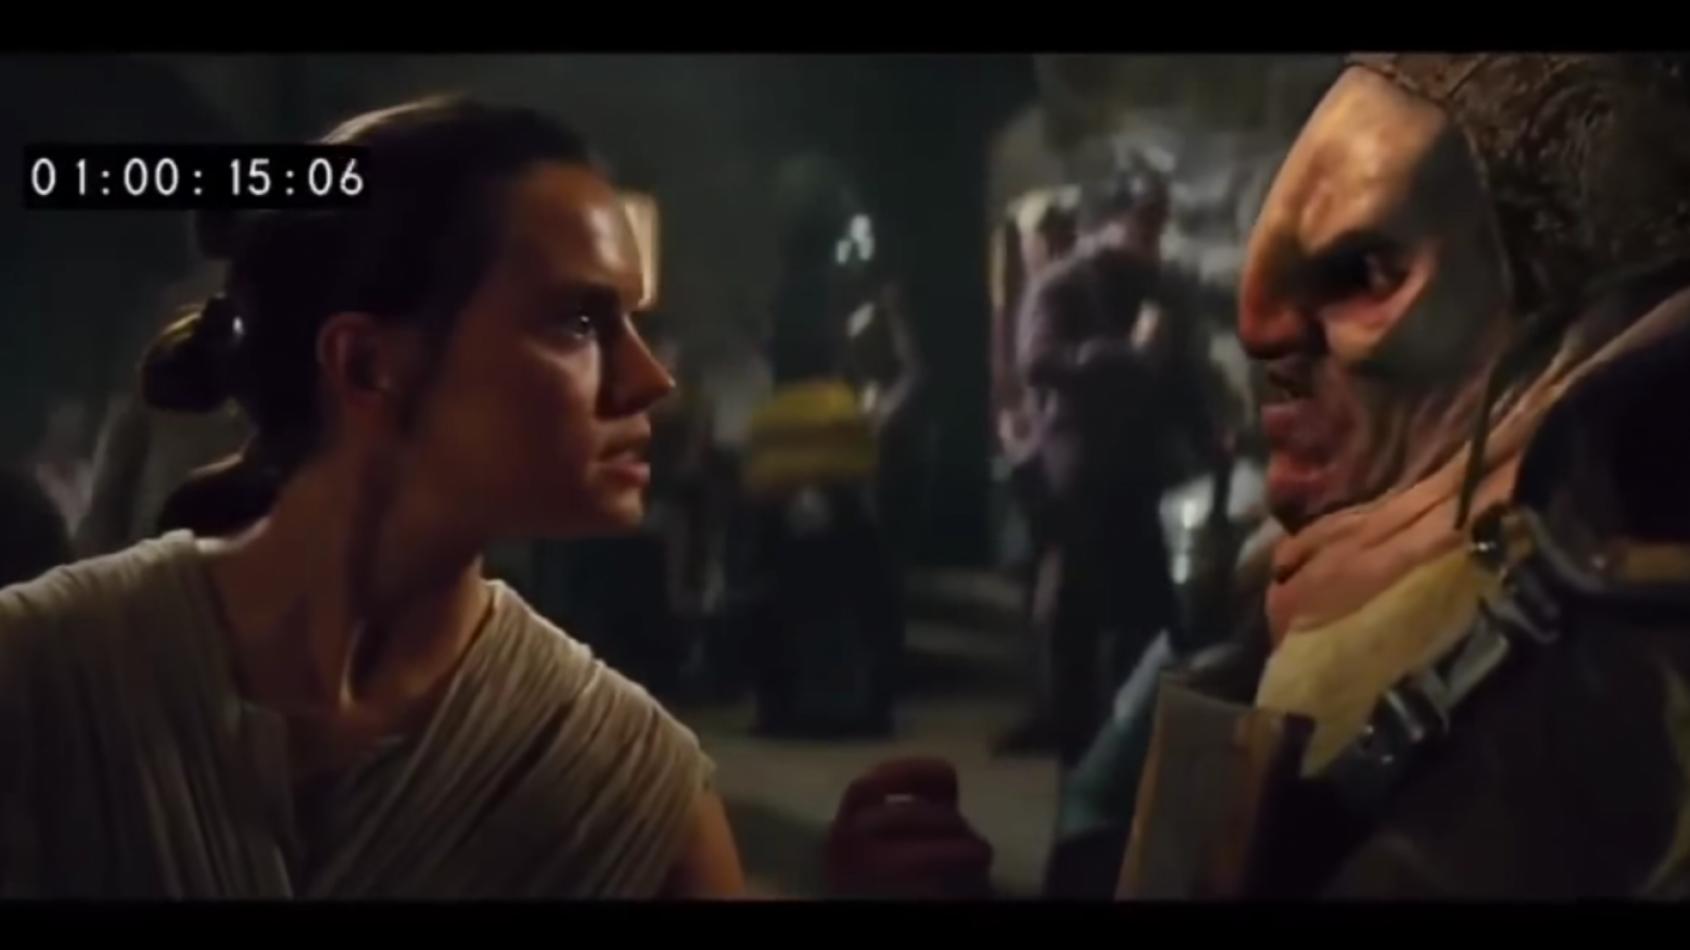 Chewbacca arrache le bras d'Unkar Plutt dans une scène coupée